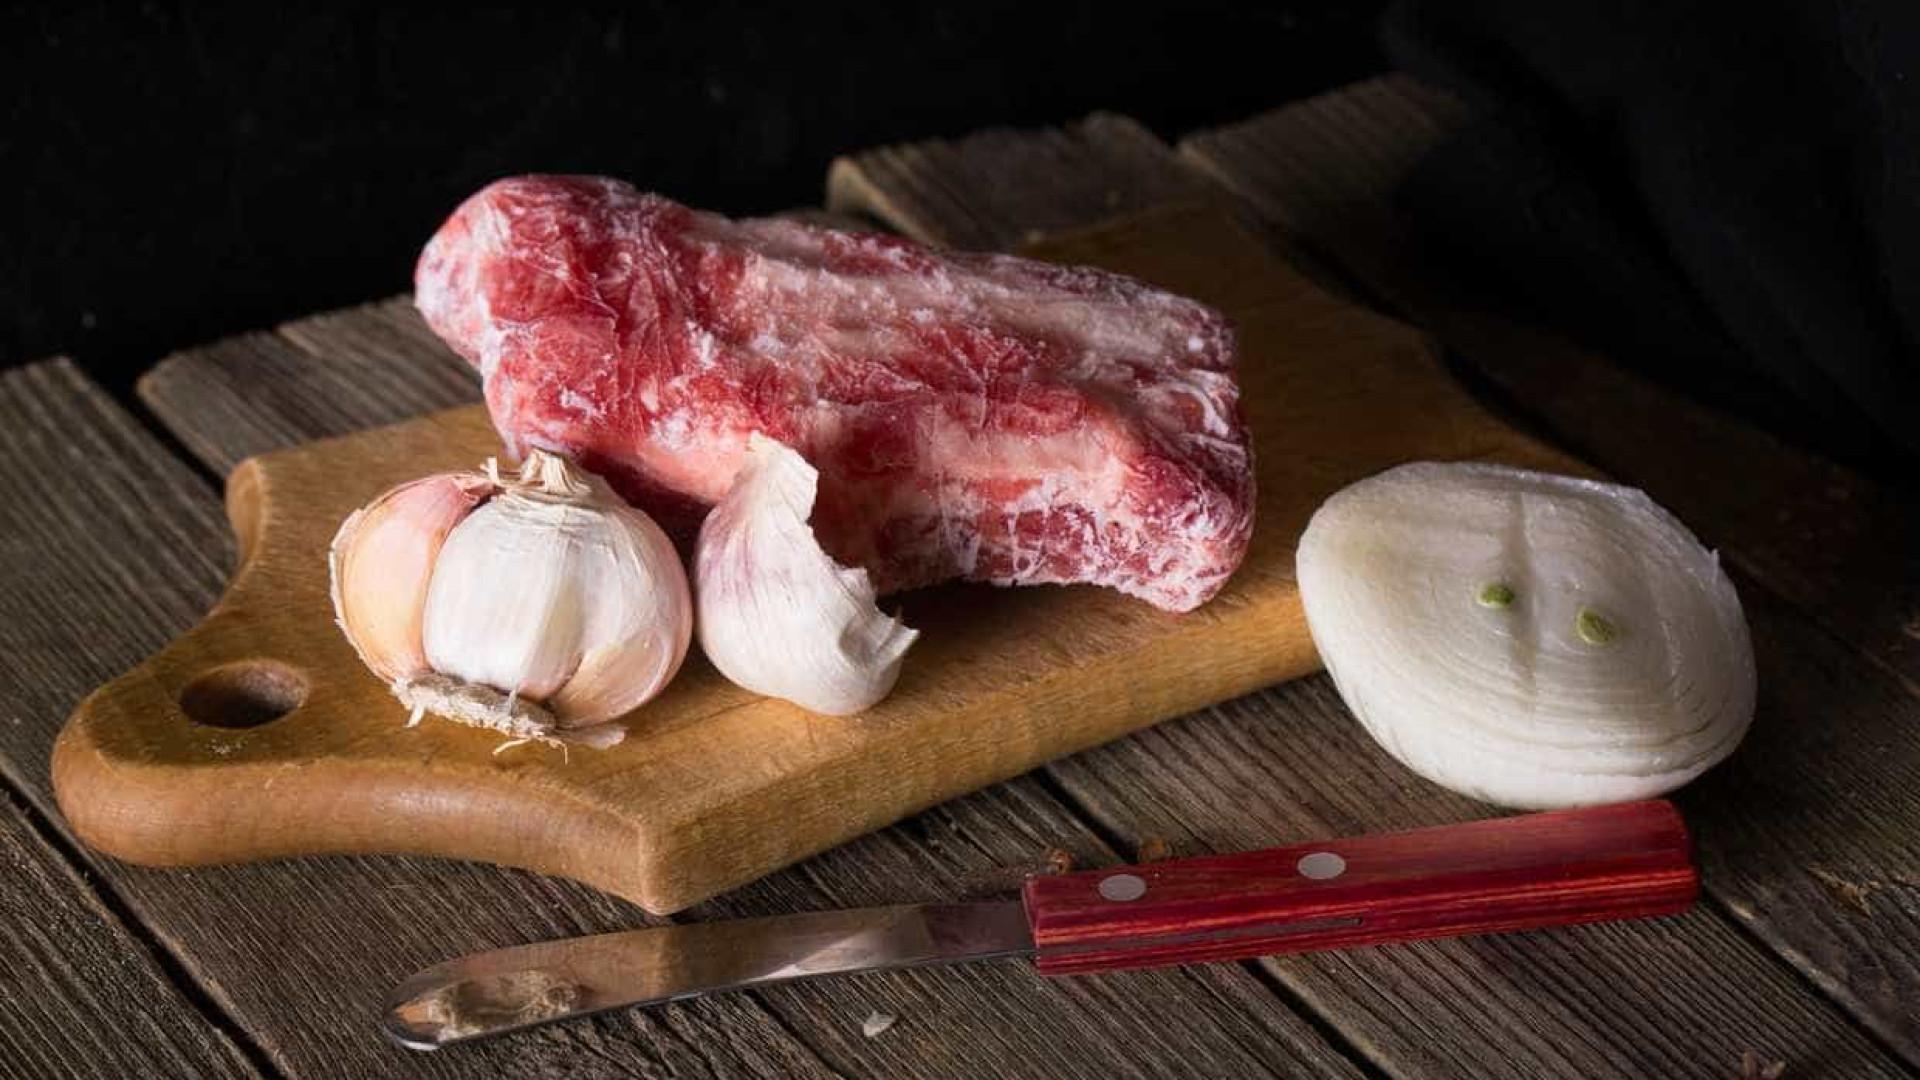 Podemos recongelar carne ou é perigoso?